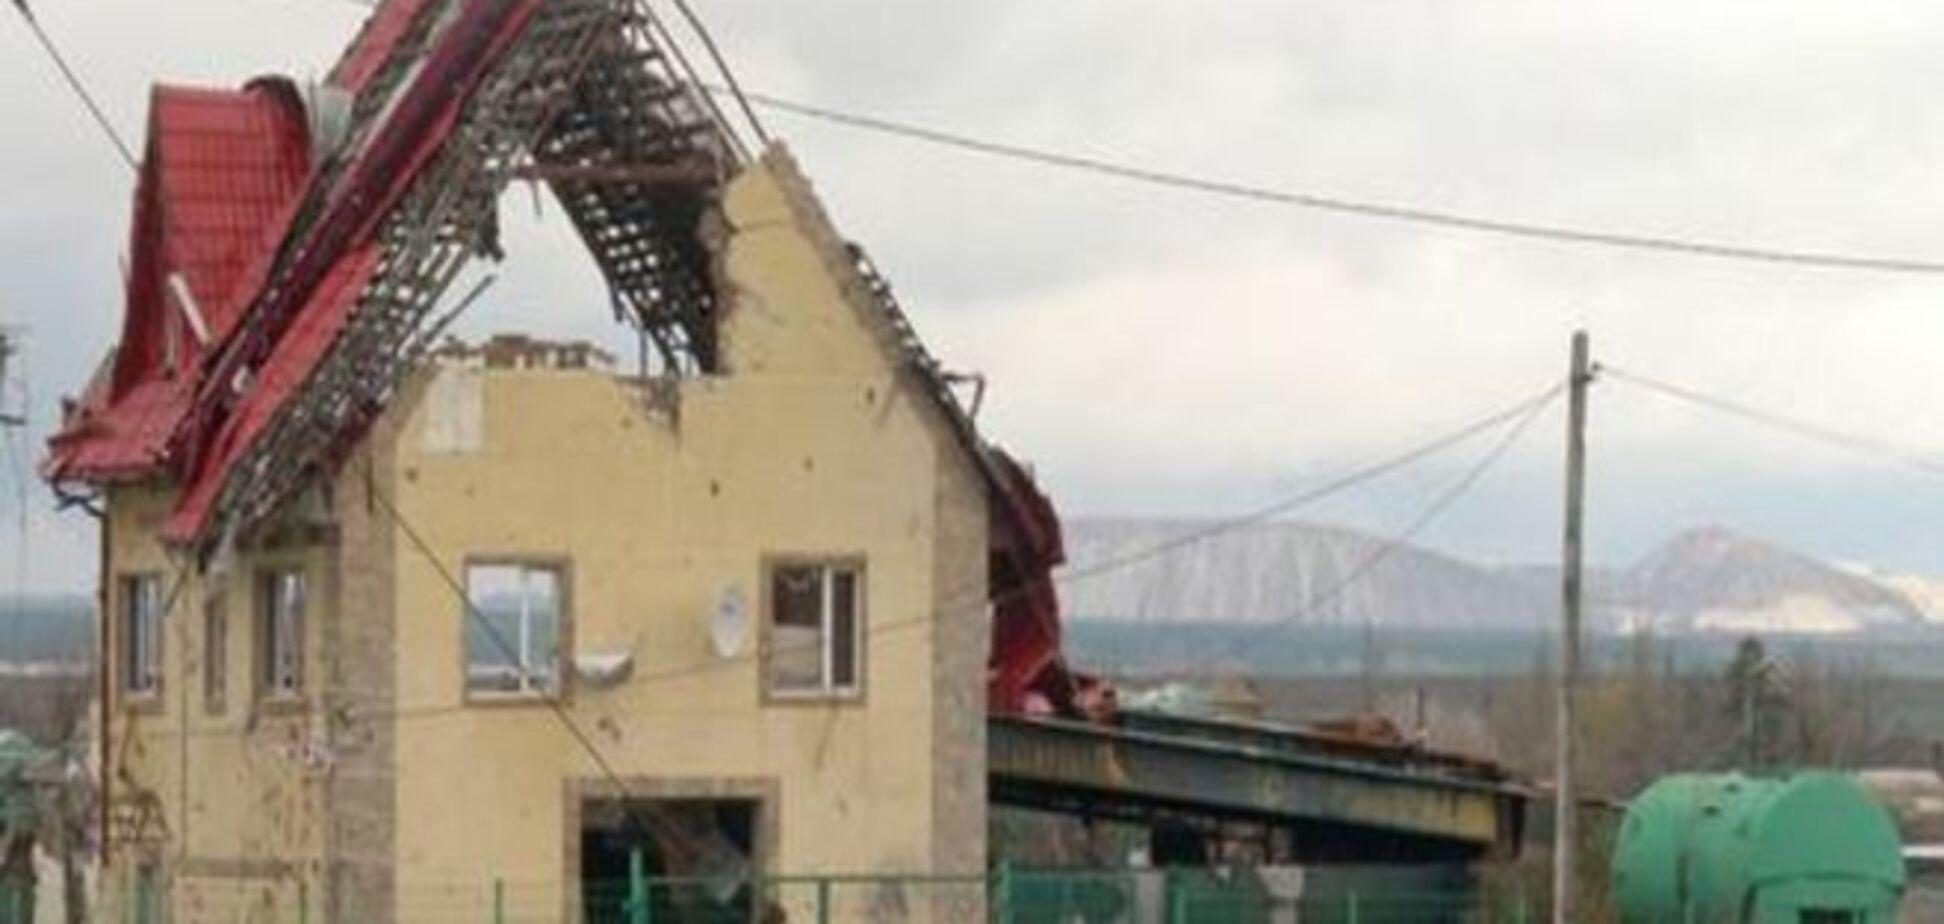 Штаб АТО: Ситуація на Донбасі стабільно напружена, є жертви